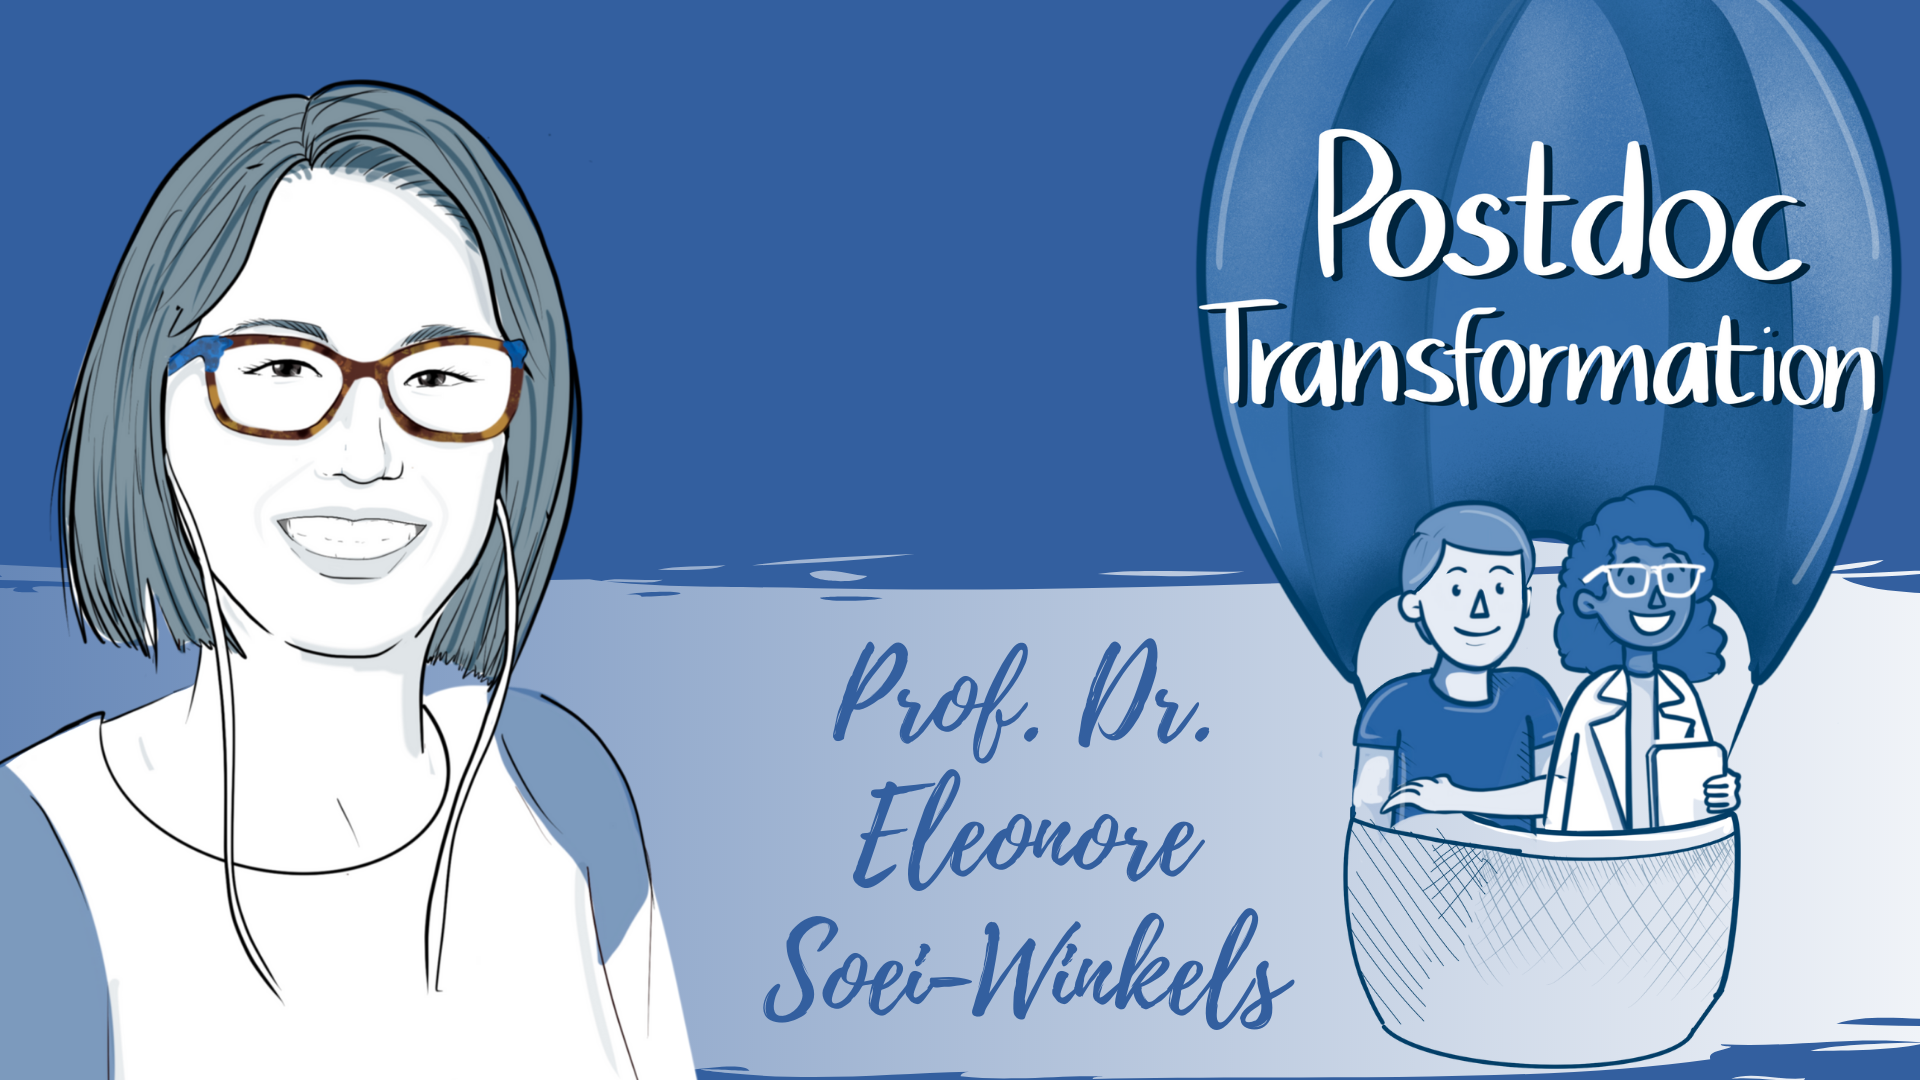 PostdocTransformation by Prof. Dr. Eleonore Soei-Winkels